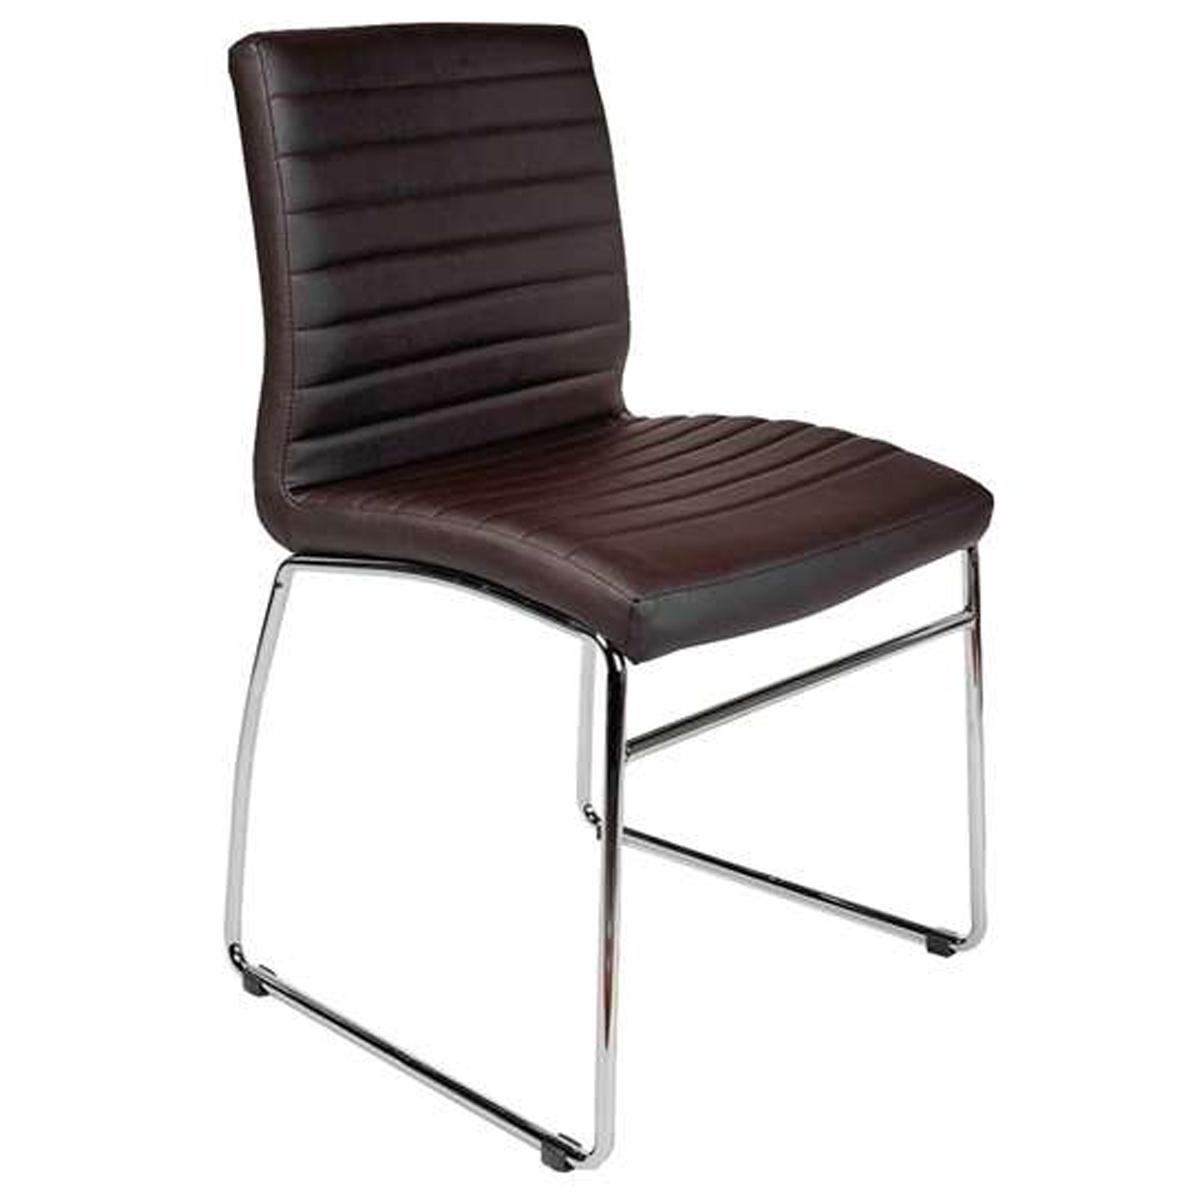 trucos para escoger sillas para una sala de espera homy On sillas para la sala